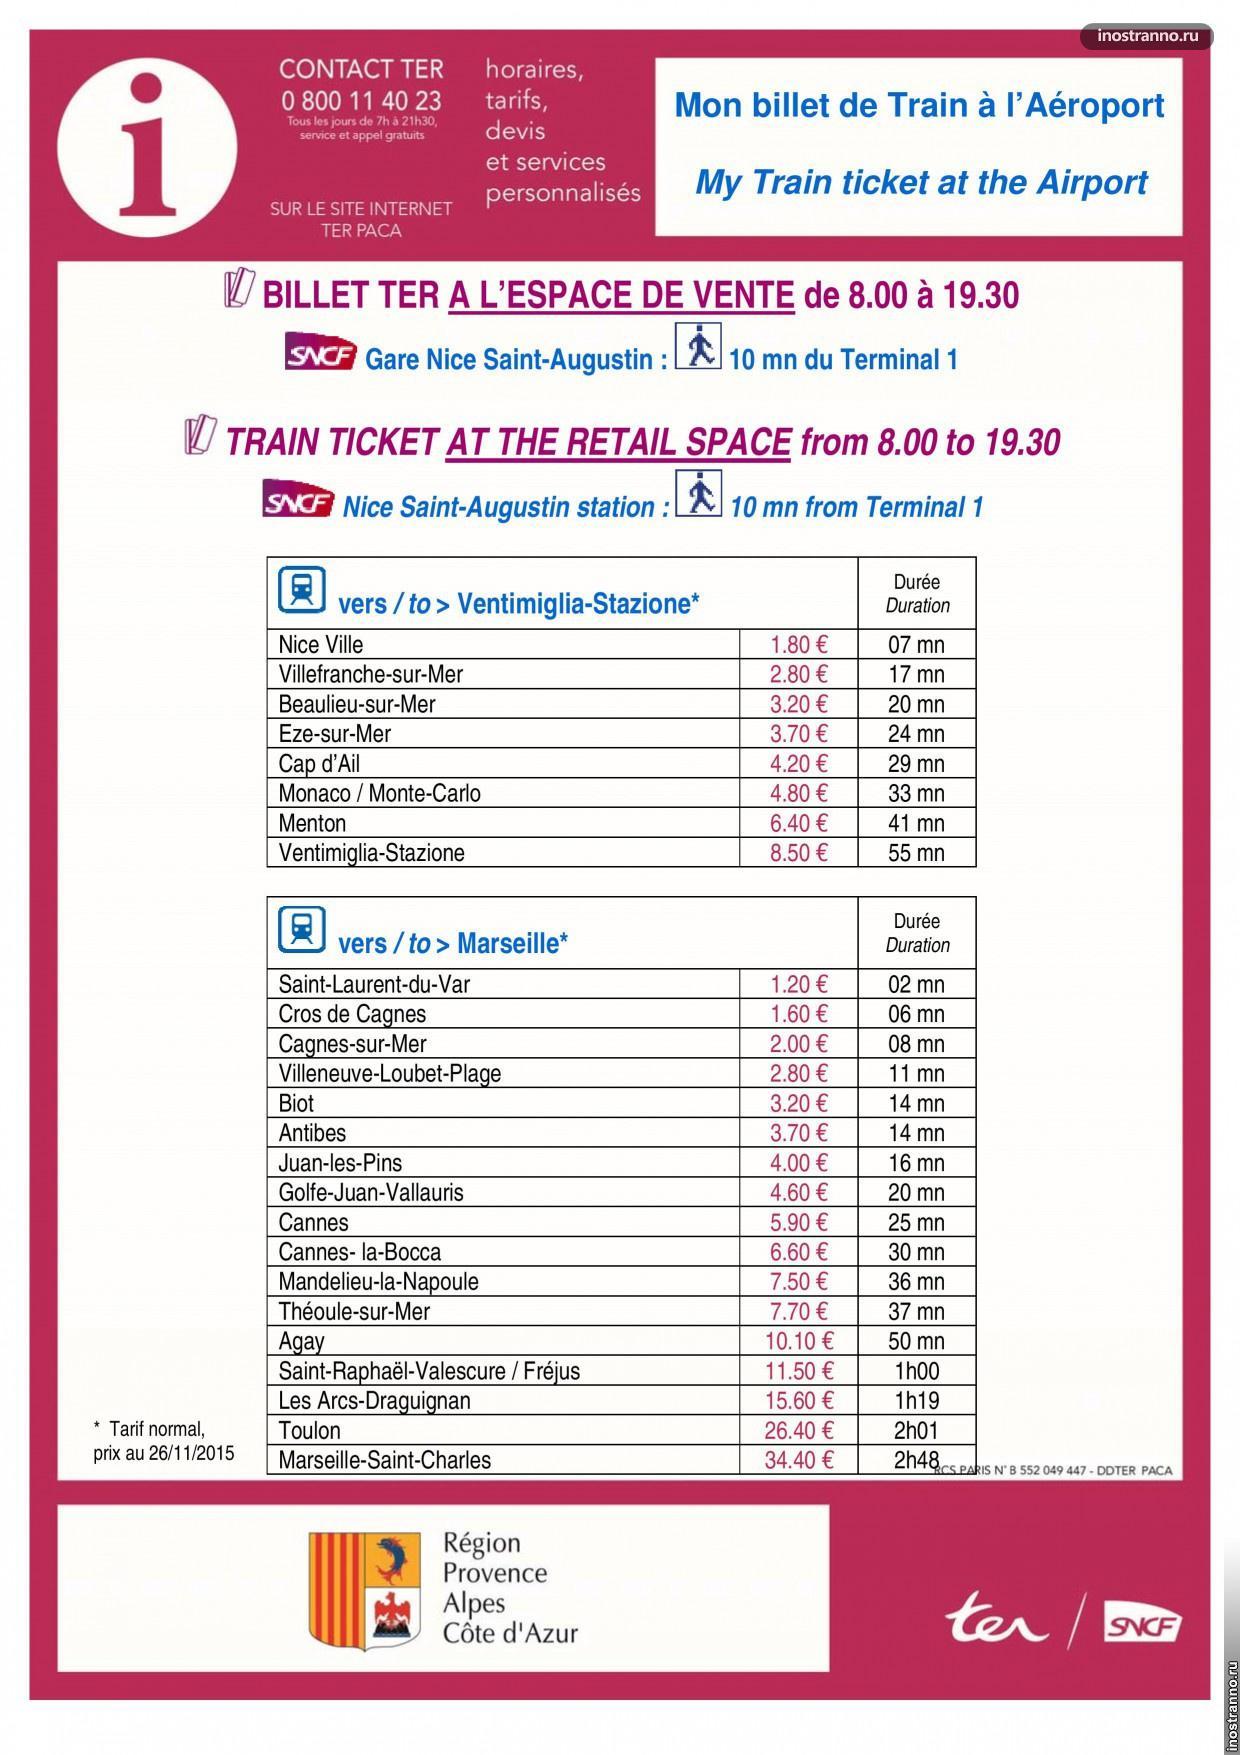 Из аэропорта Ниццы на поезде цены